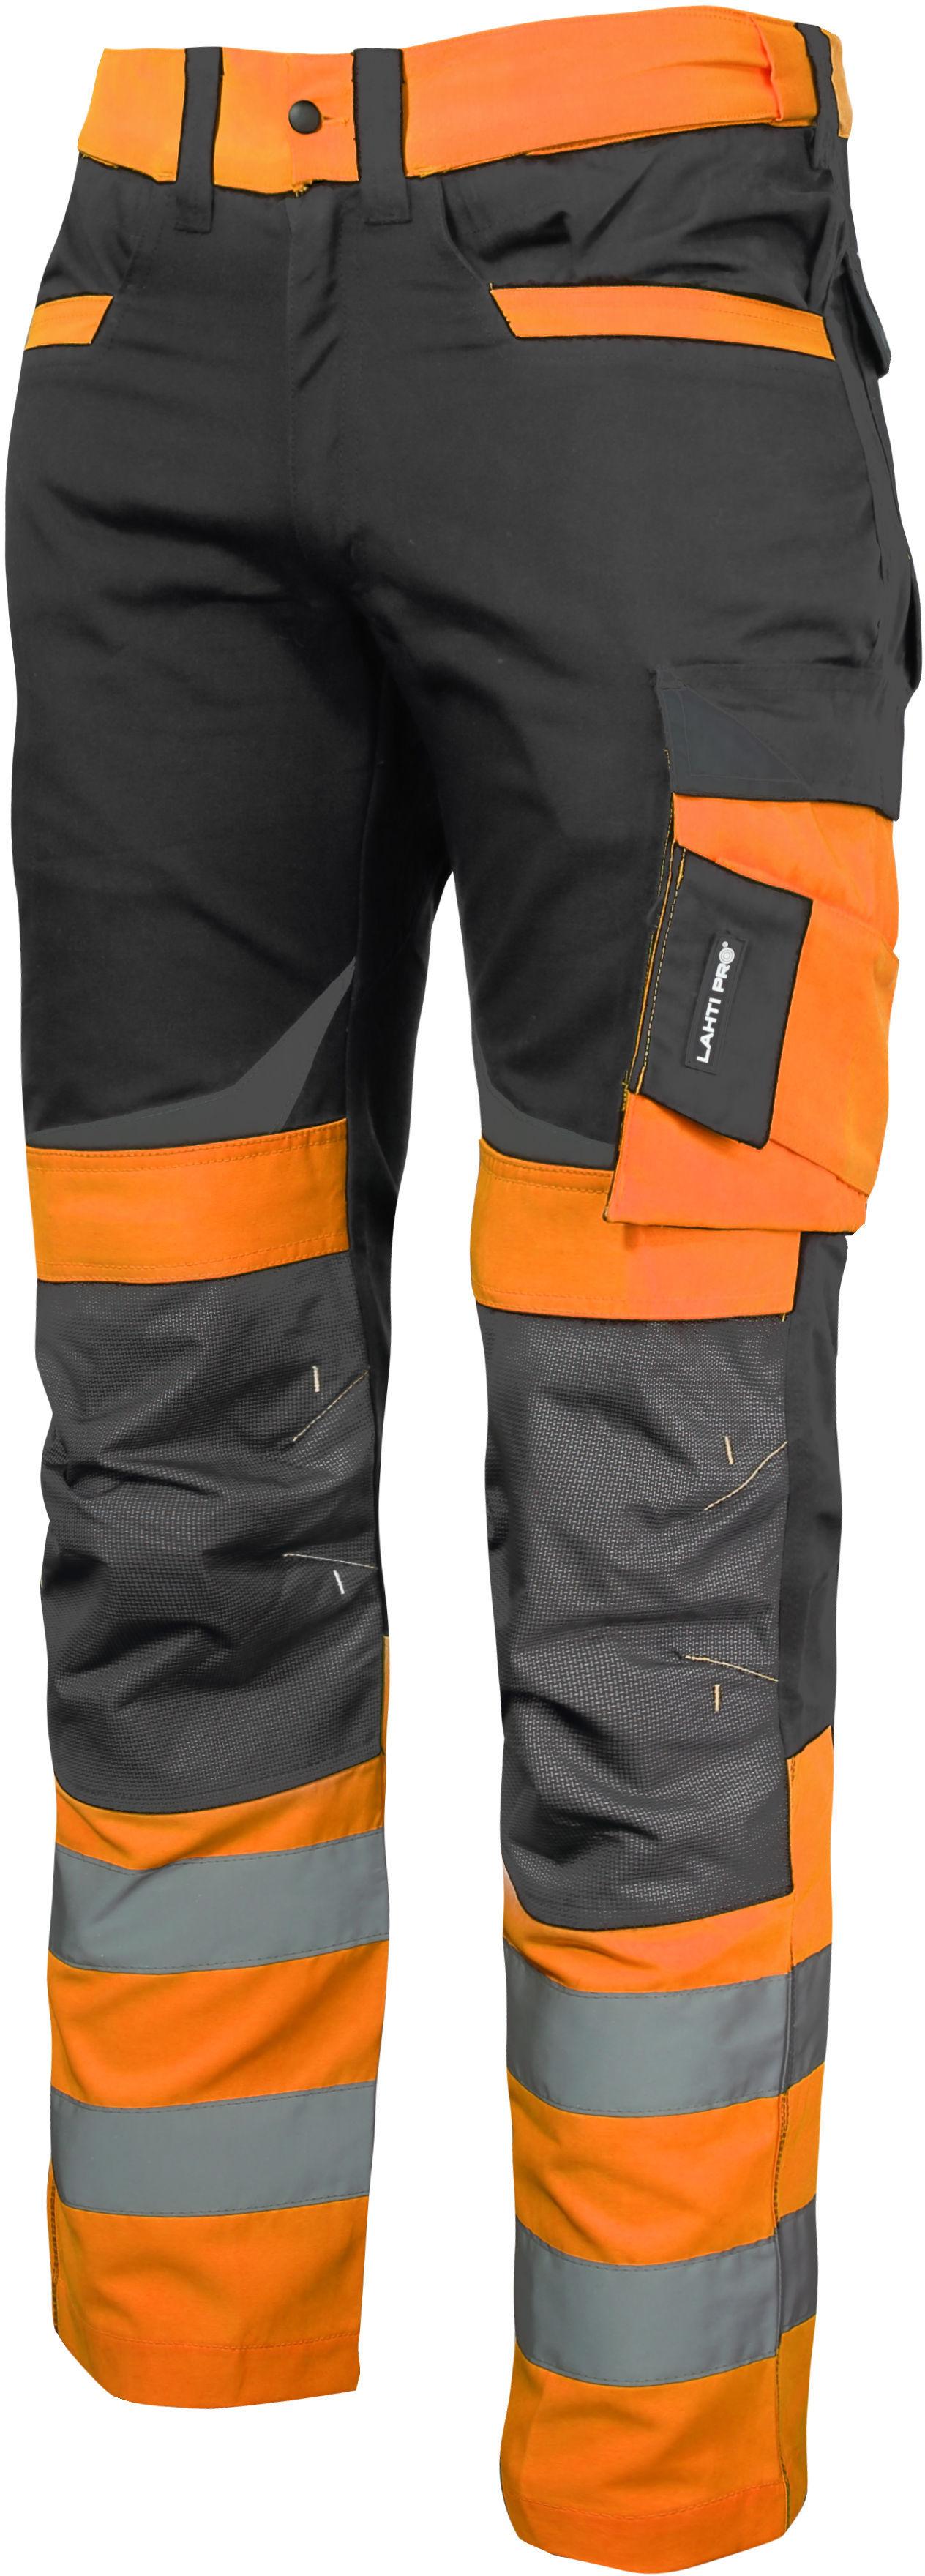 """Spodnie ostrzegawcze czarno-pomarańczowe, """"m"""", ce, lahti"""